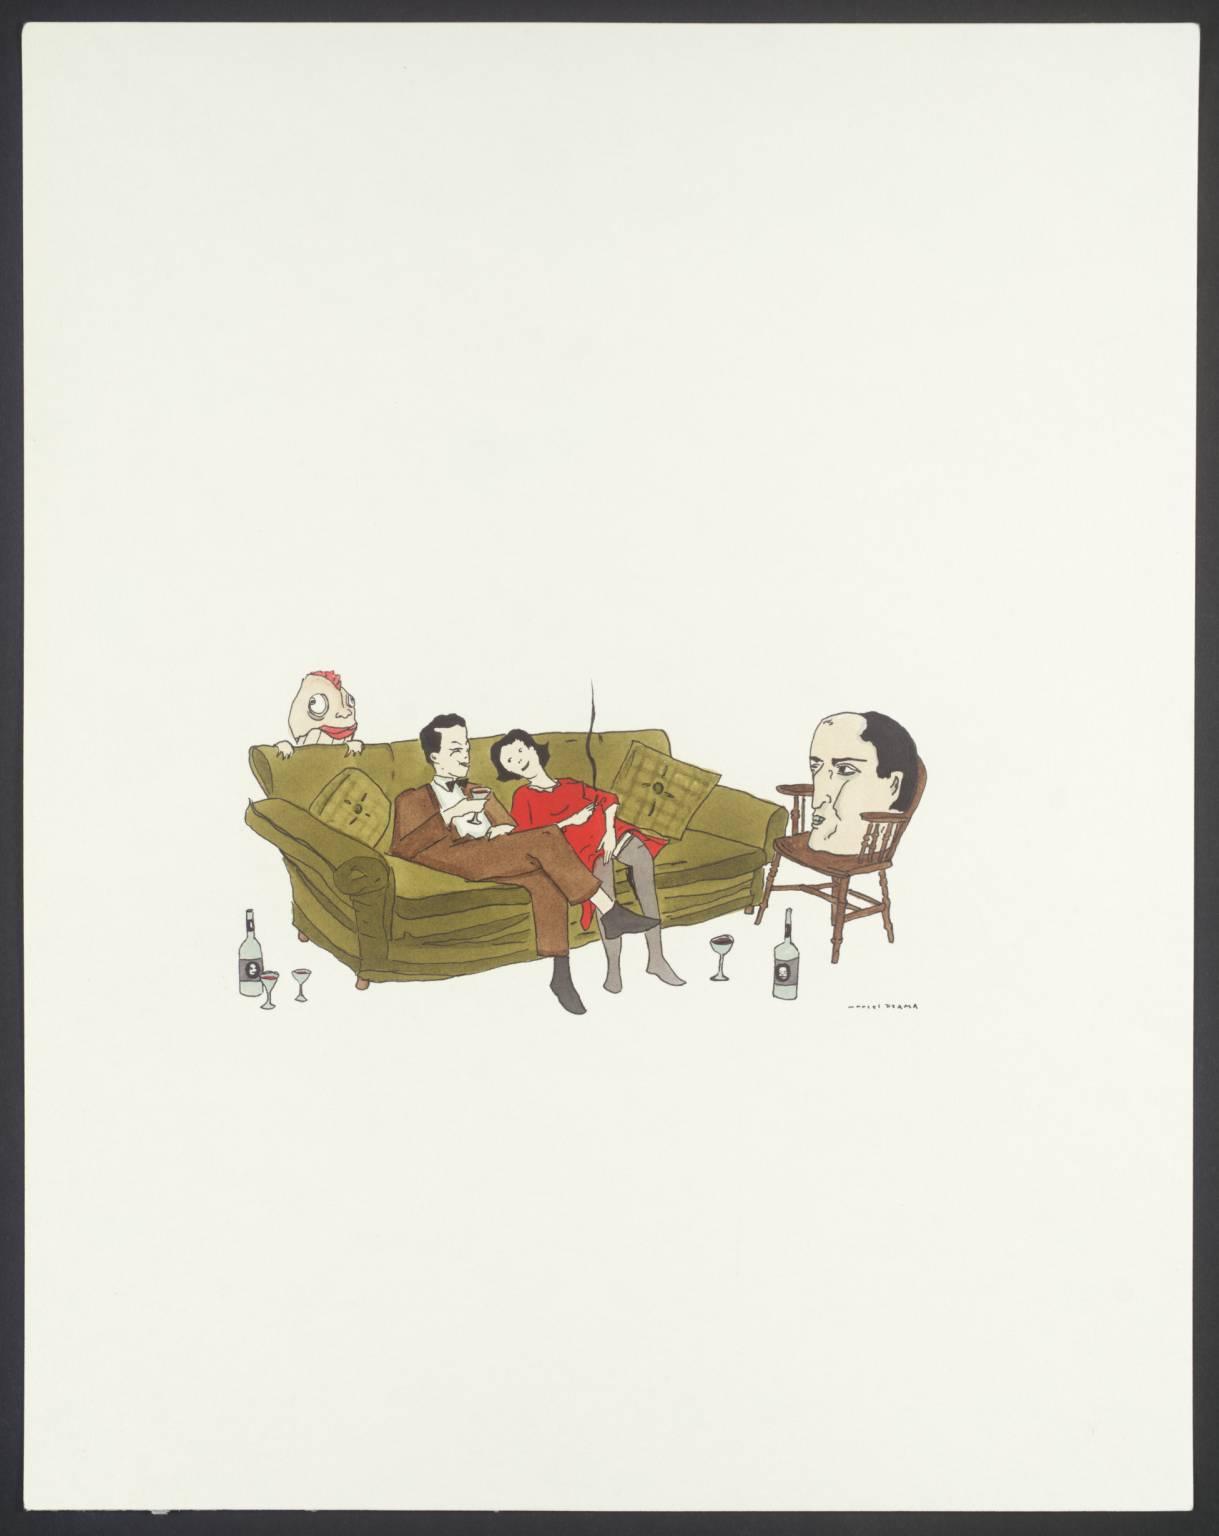 Untitled 2003, by Marcel Dzama